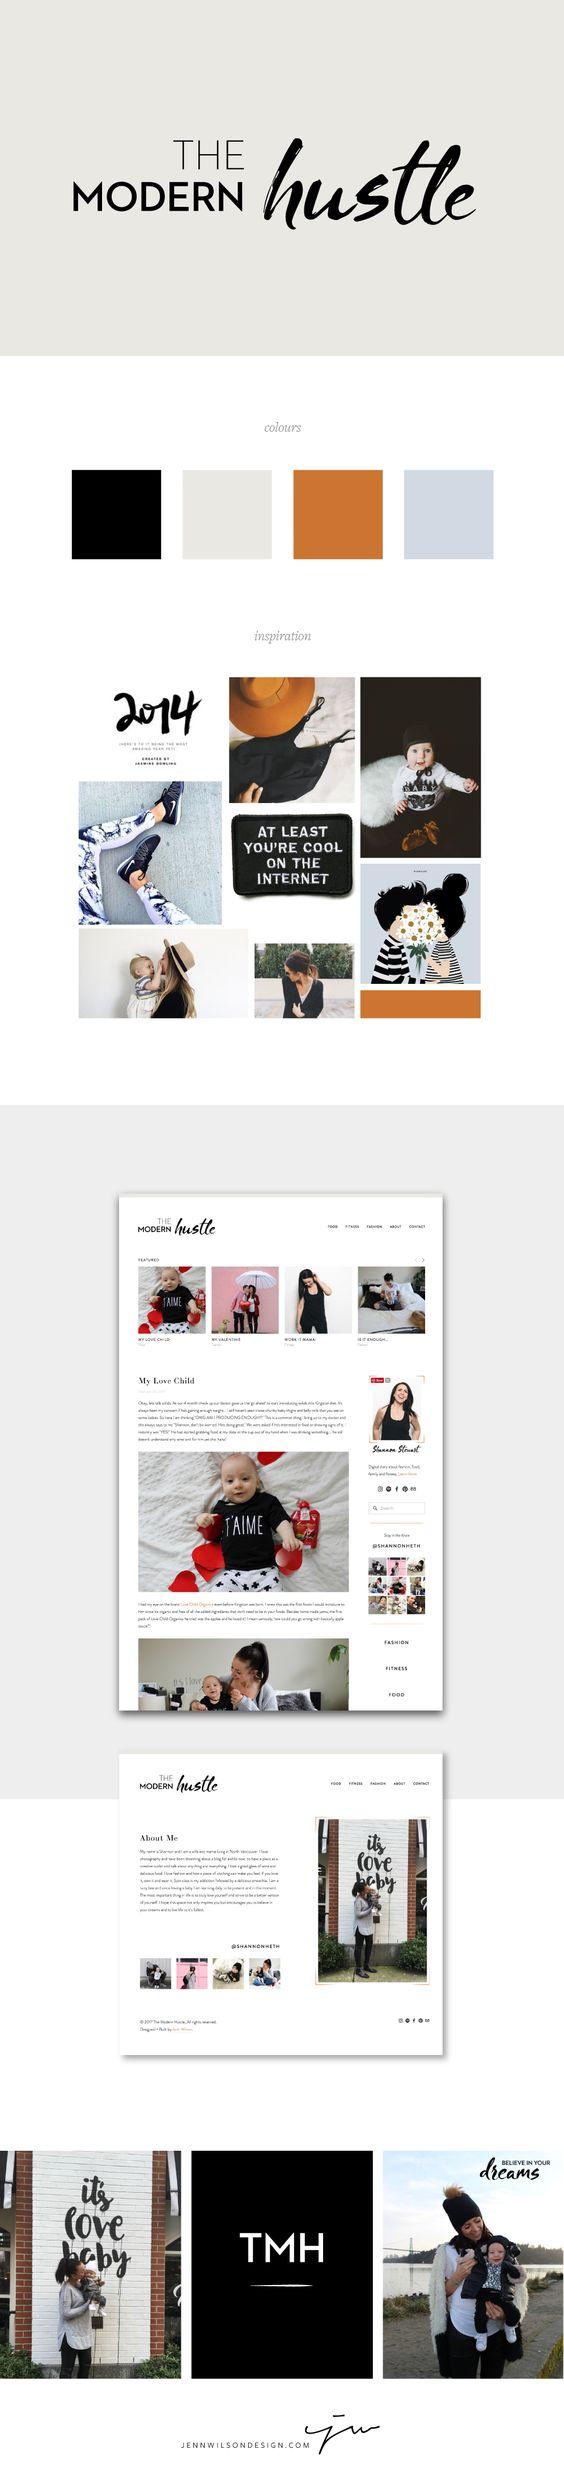 The-Modern-Hustle-Brand--Jenn-Wilson-Design.jpg